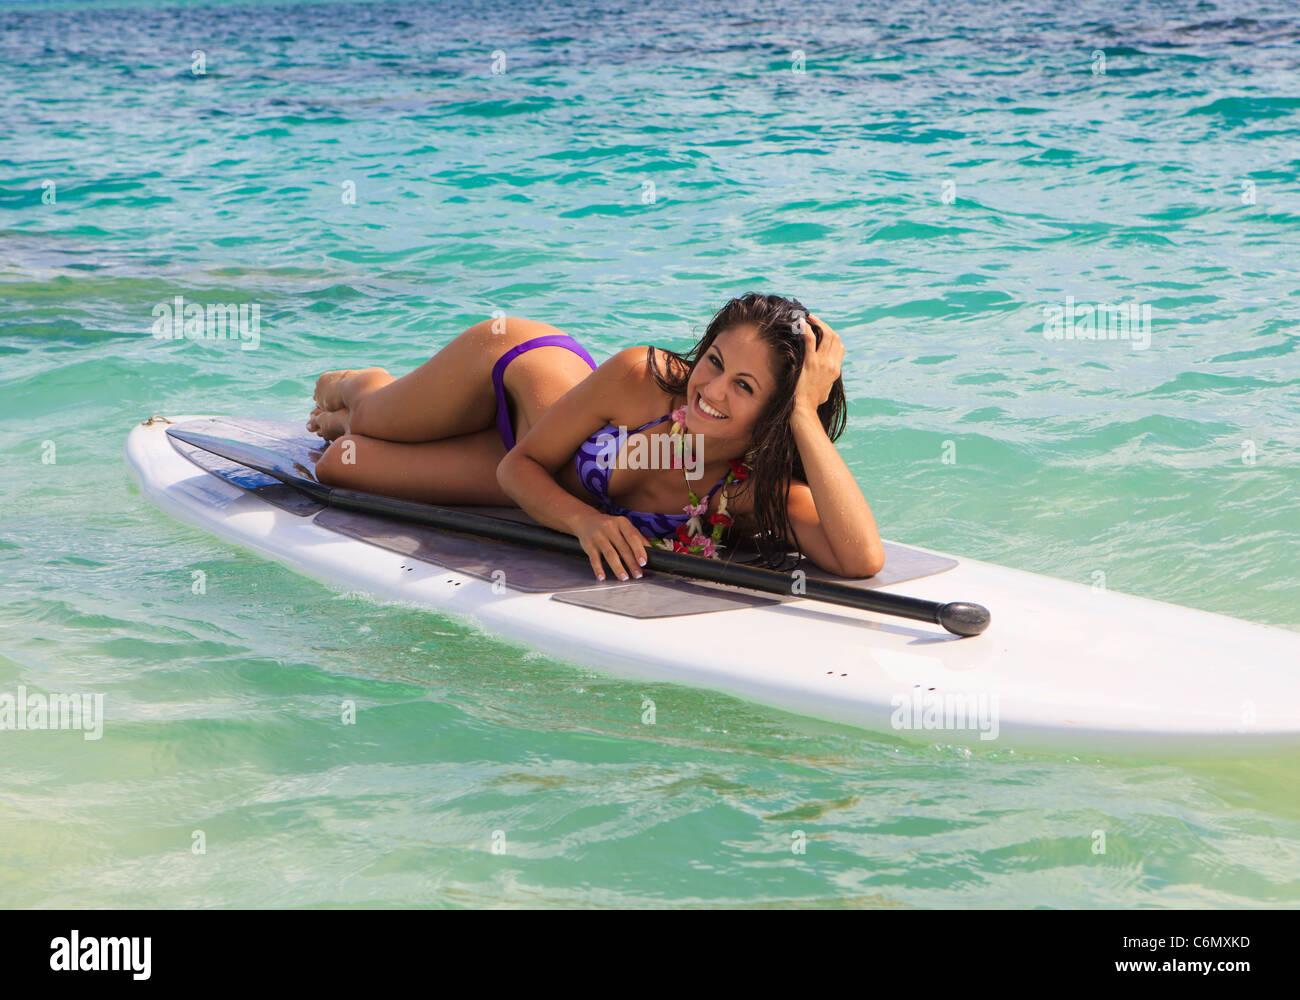 schöne Brünette in Bikini auf ihrem Stand up Paddle Board auf hawaii Stockbild